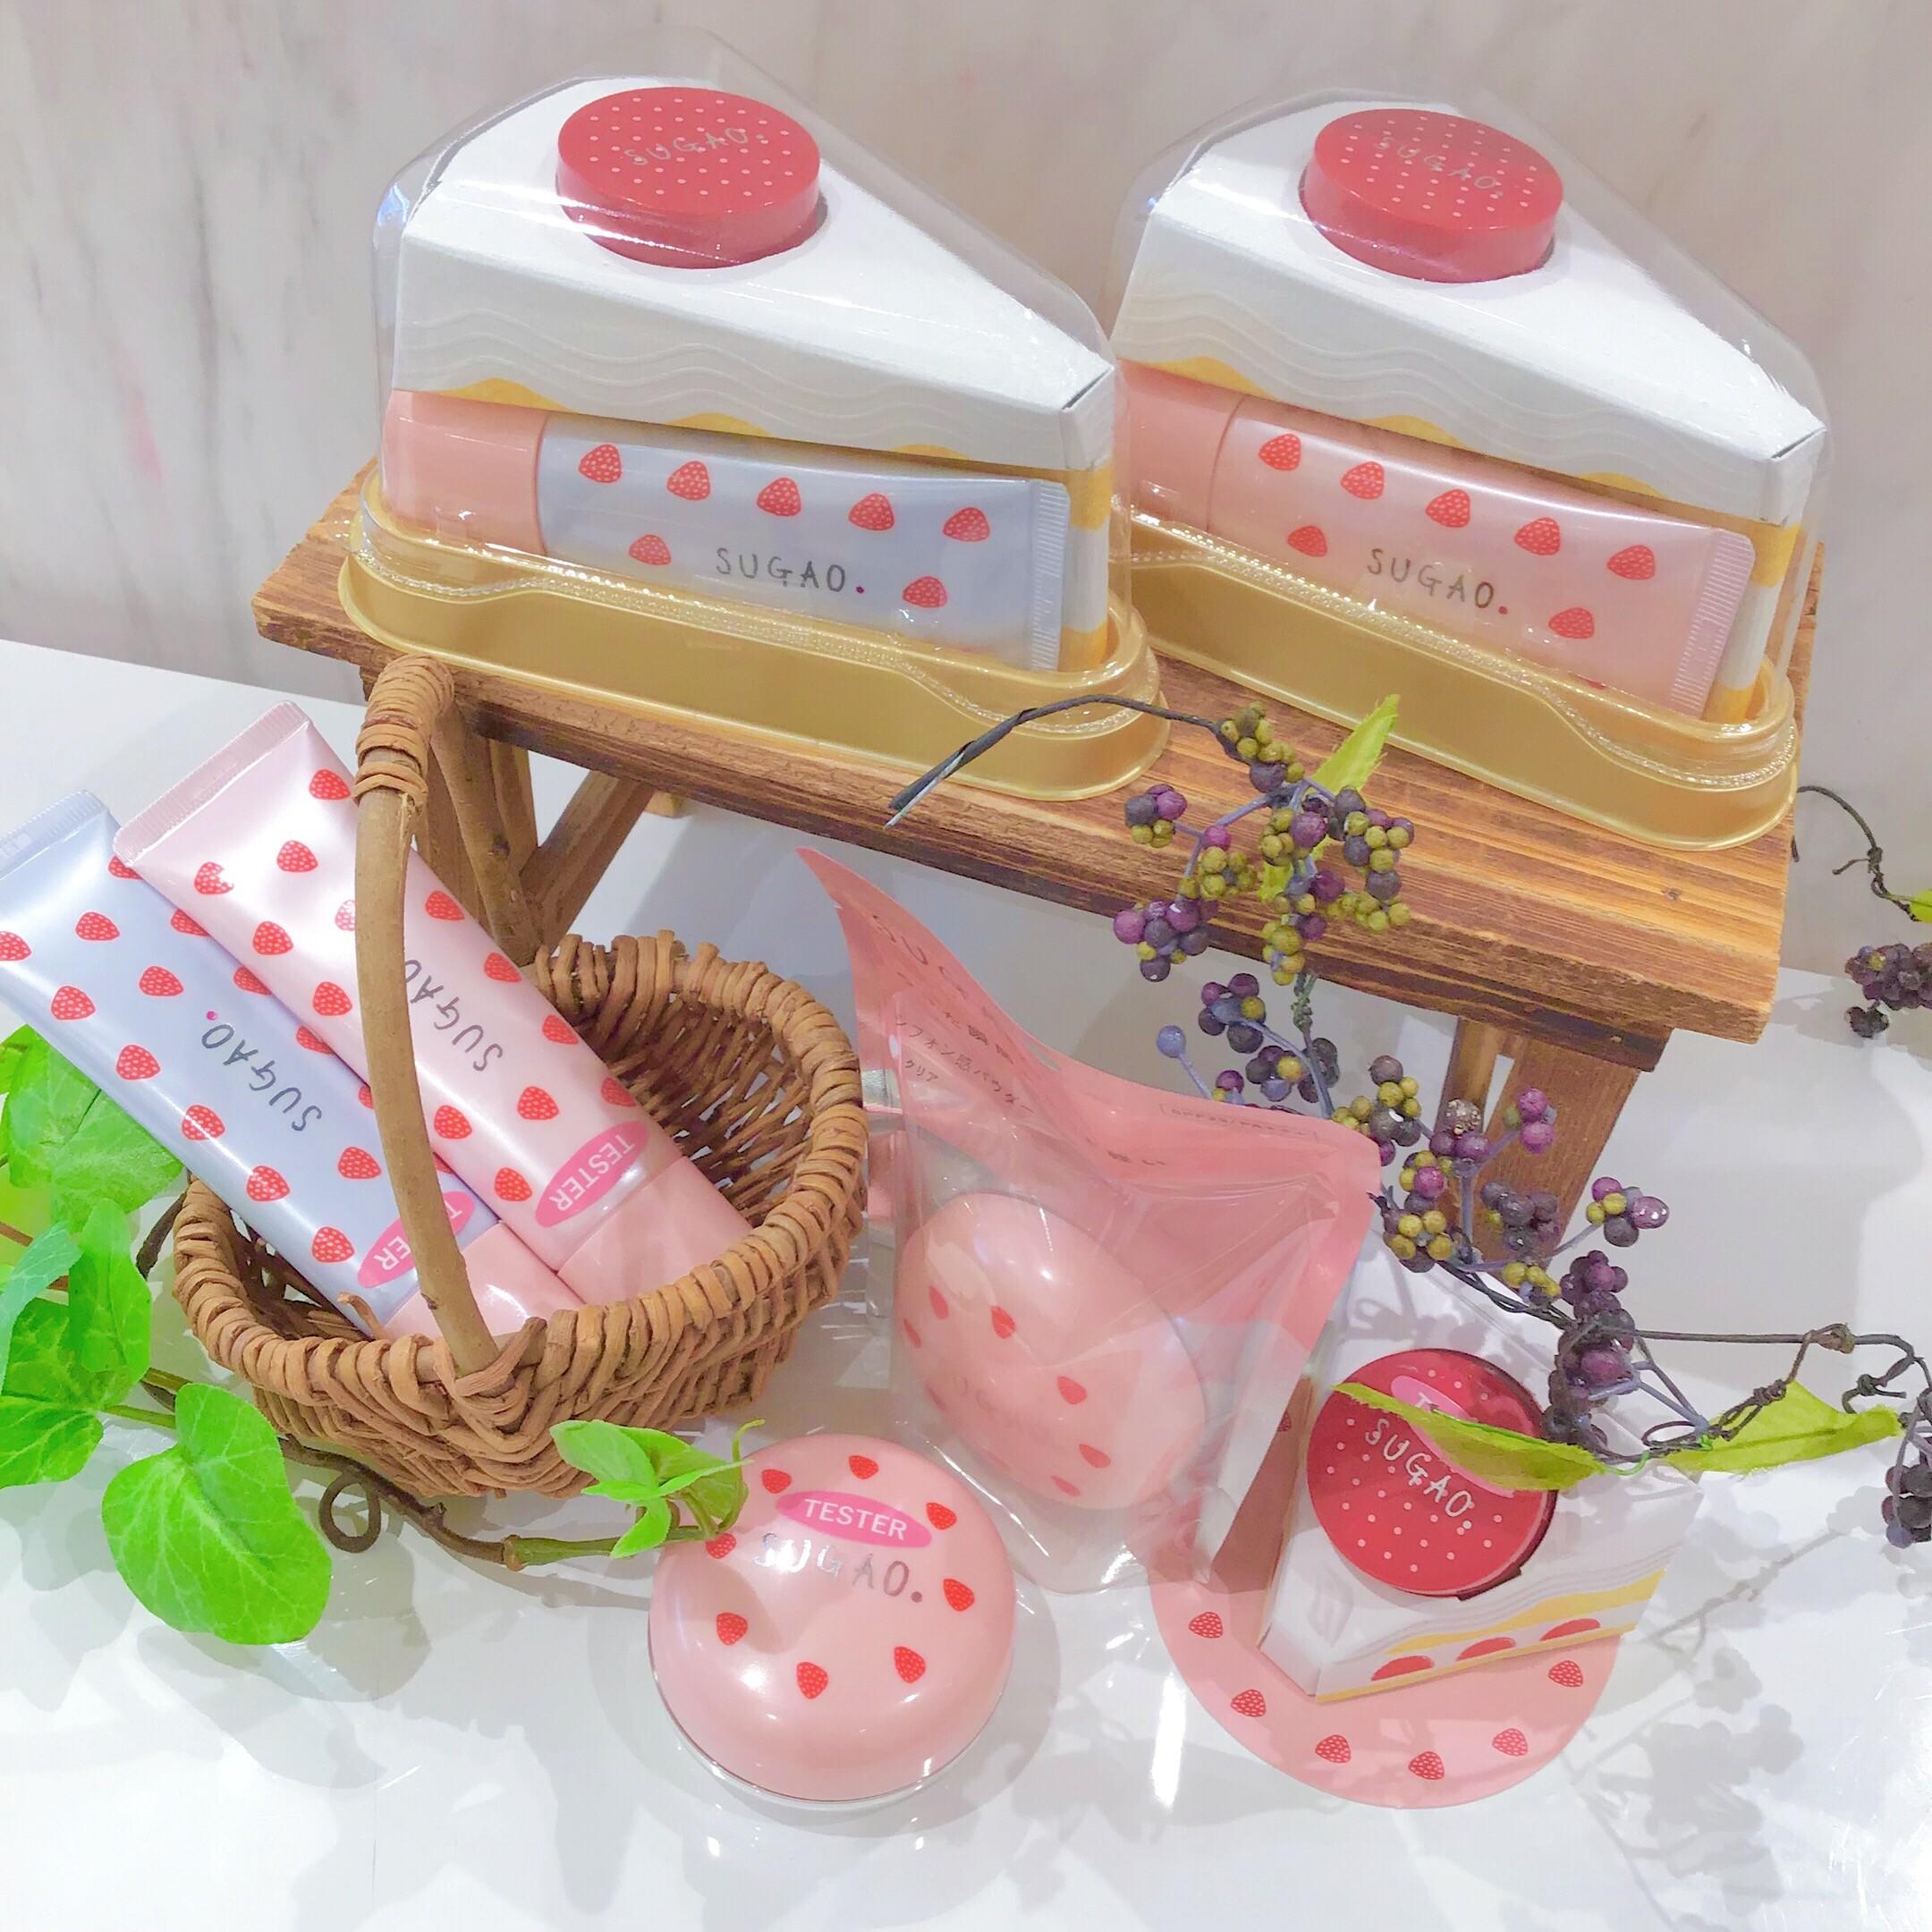 ふわふわ#ショートケーキメイク